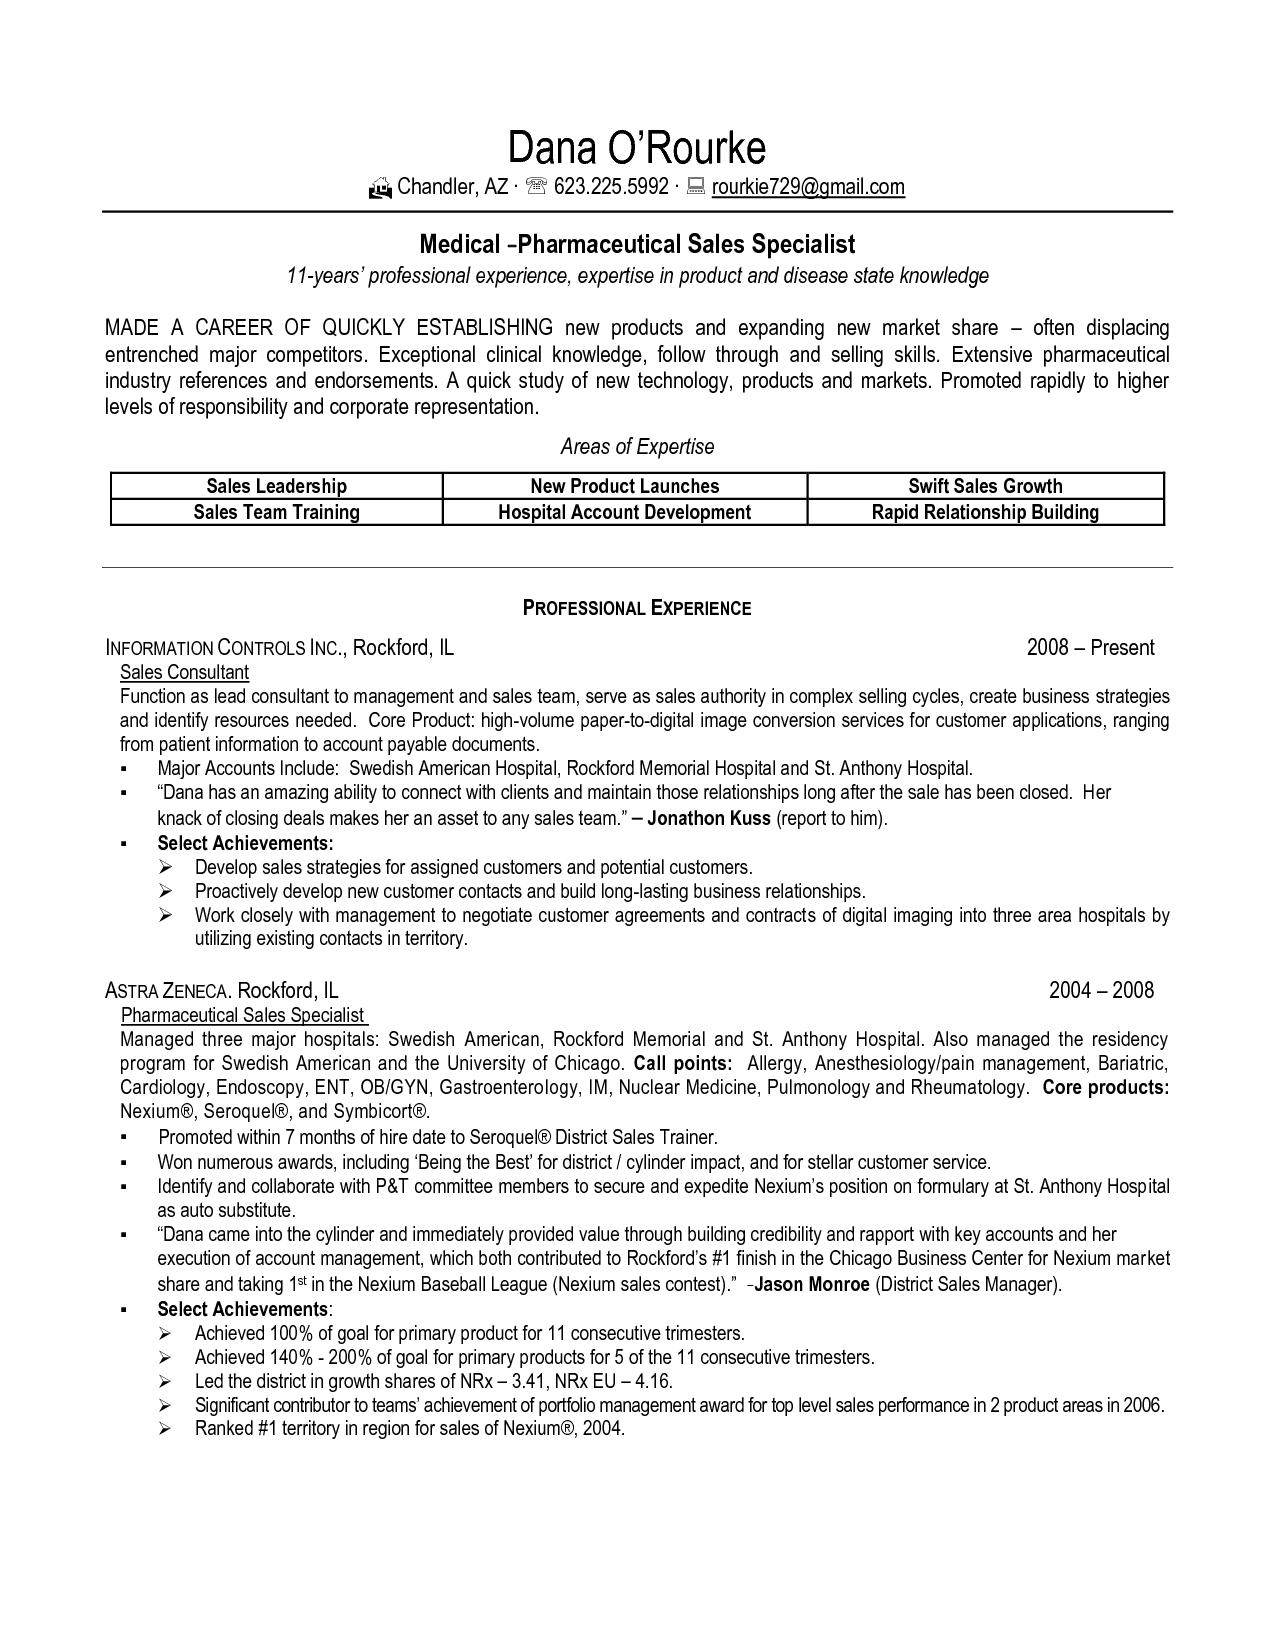 Sample Resume For Pharmaceutical Industry Sales Resume Examples Pharmaceutical Sales Resume Sales Resume